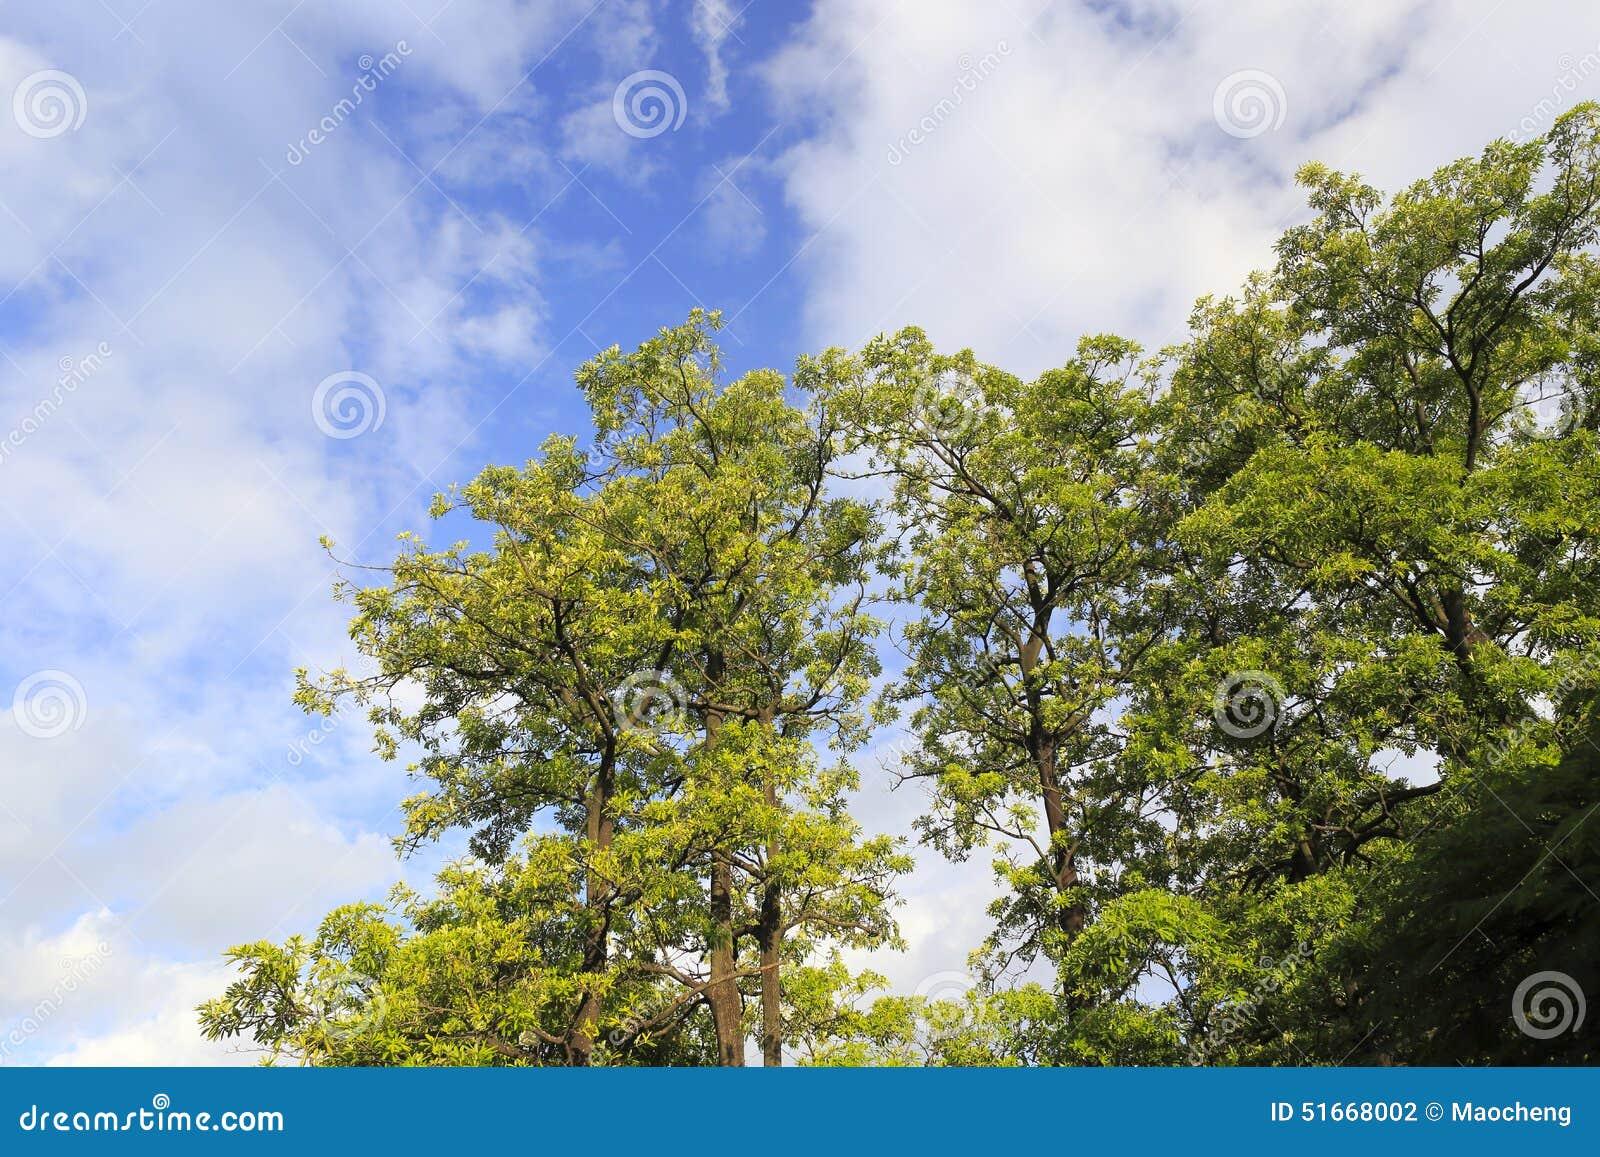 ciel nuage et arbre - Arbre Ciel